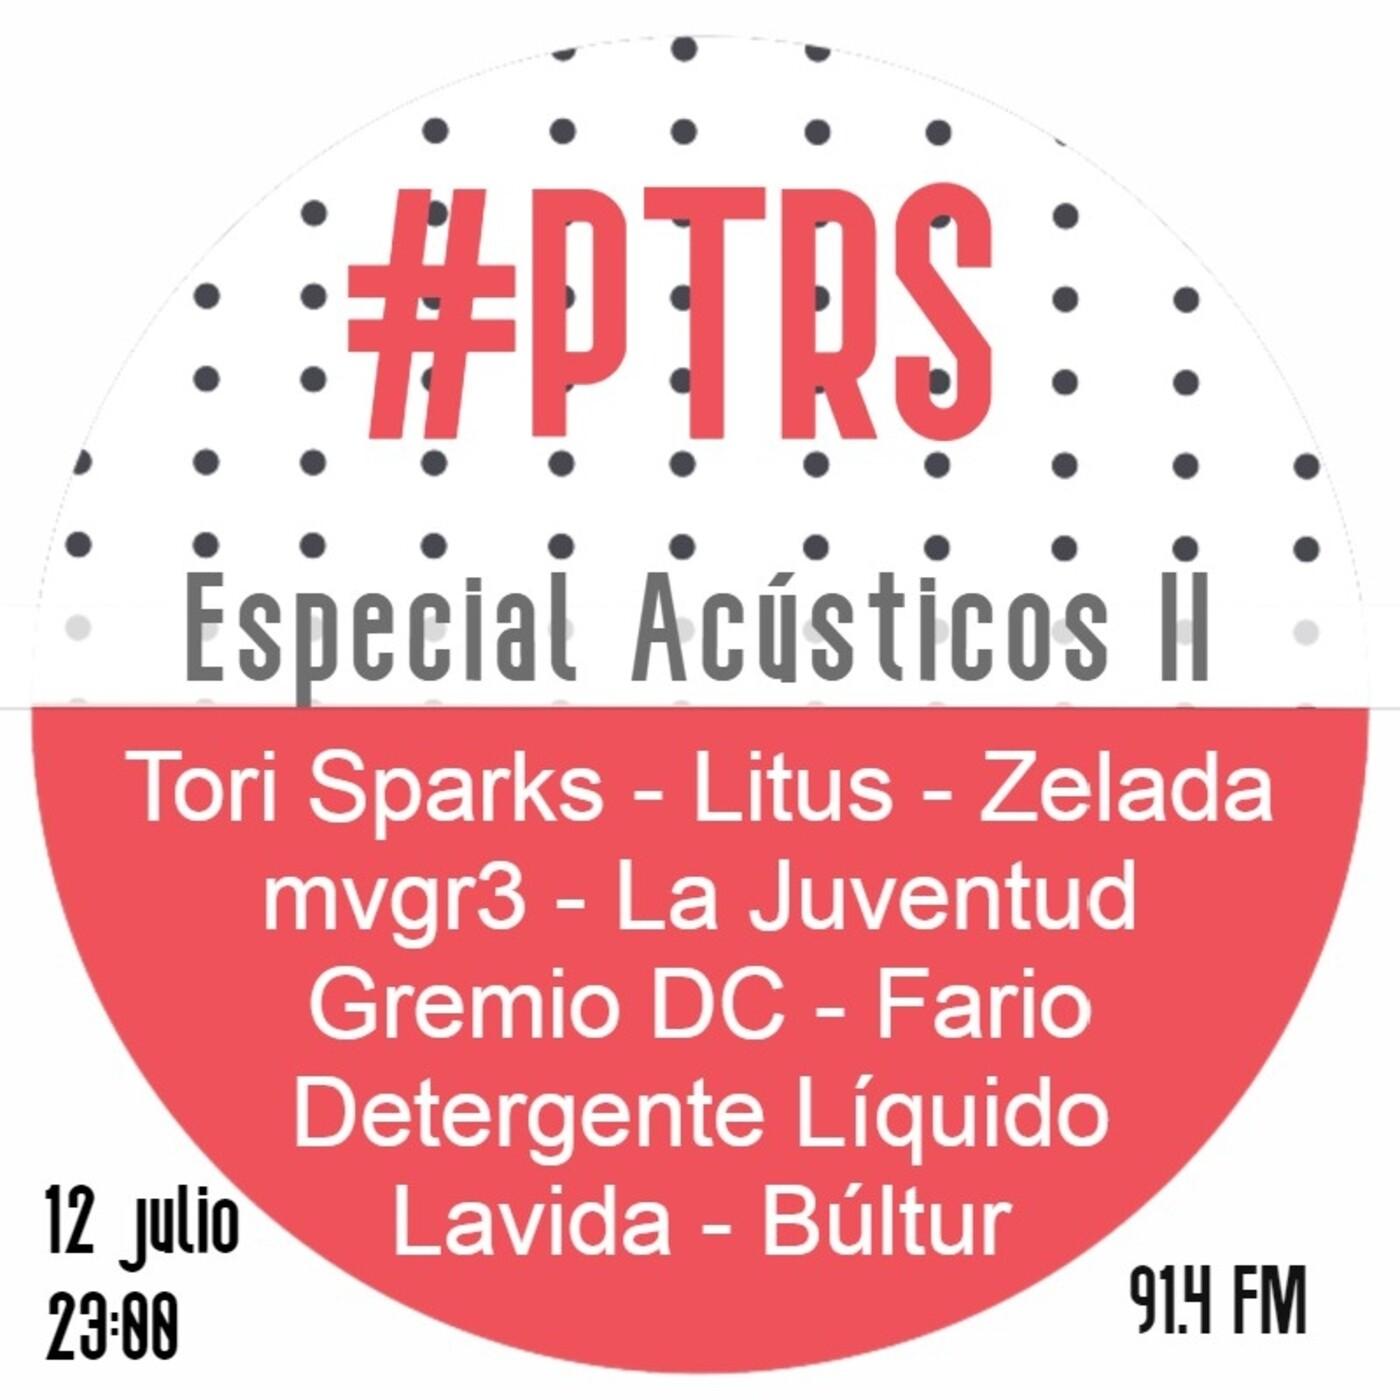 PTRS 19x52: Especial Acústicos II